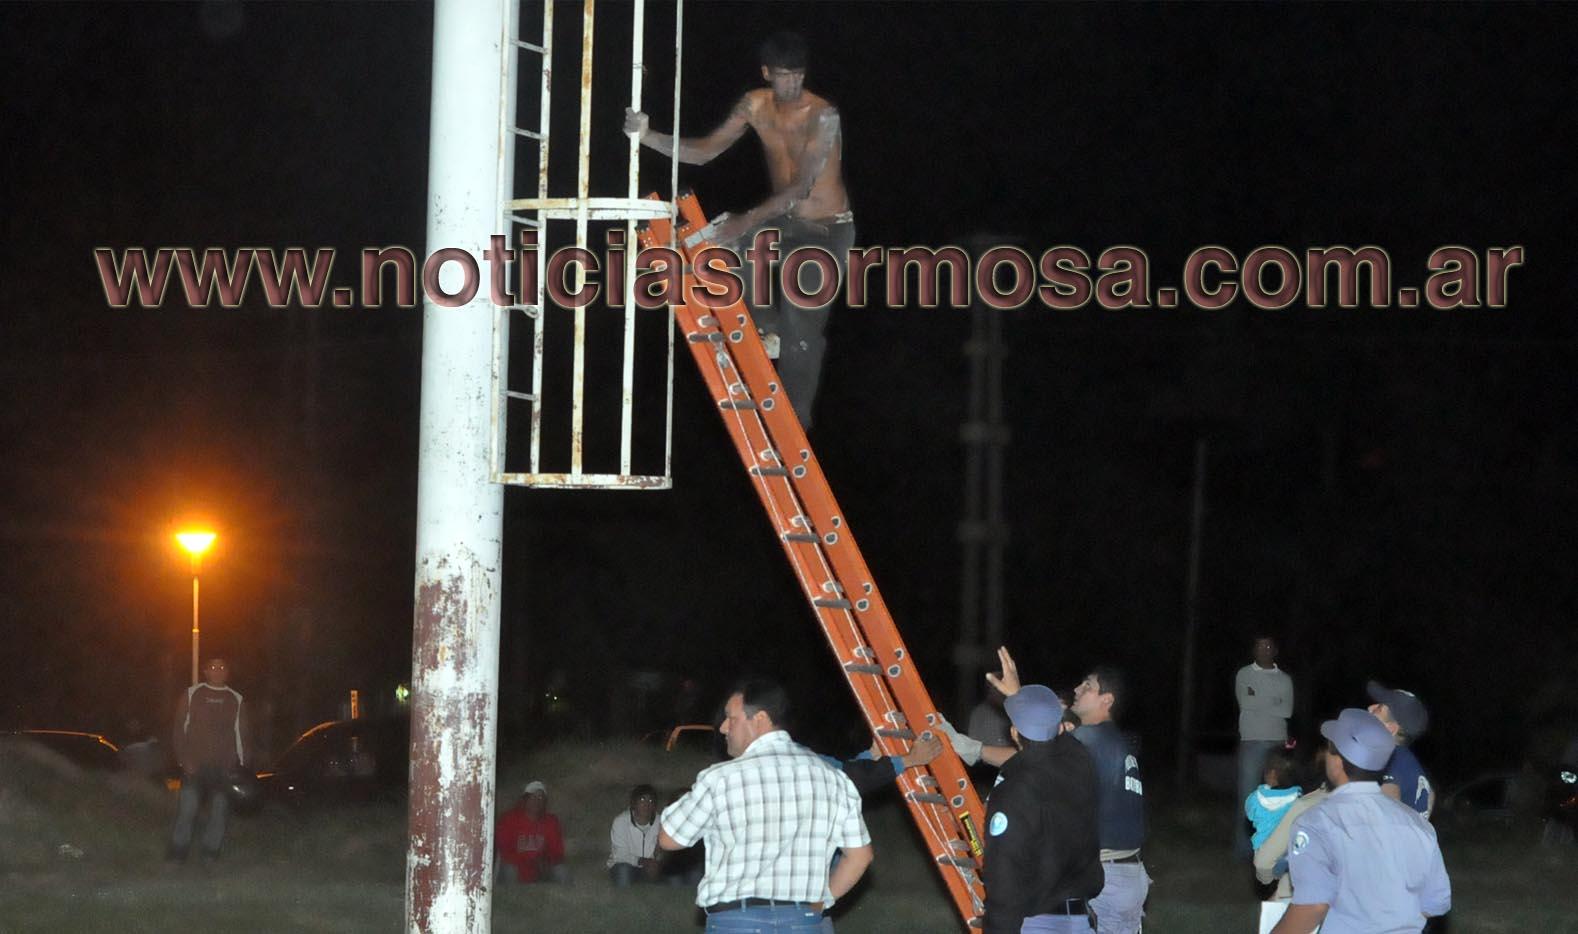 Amenazó suicidarse, bajó en escalera.